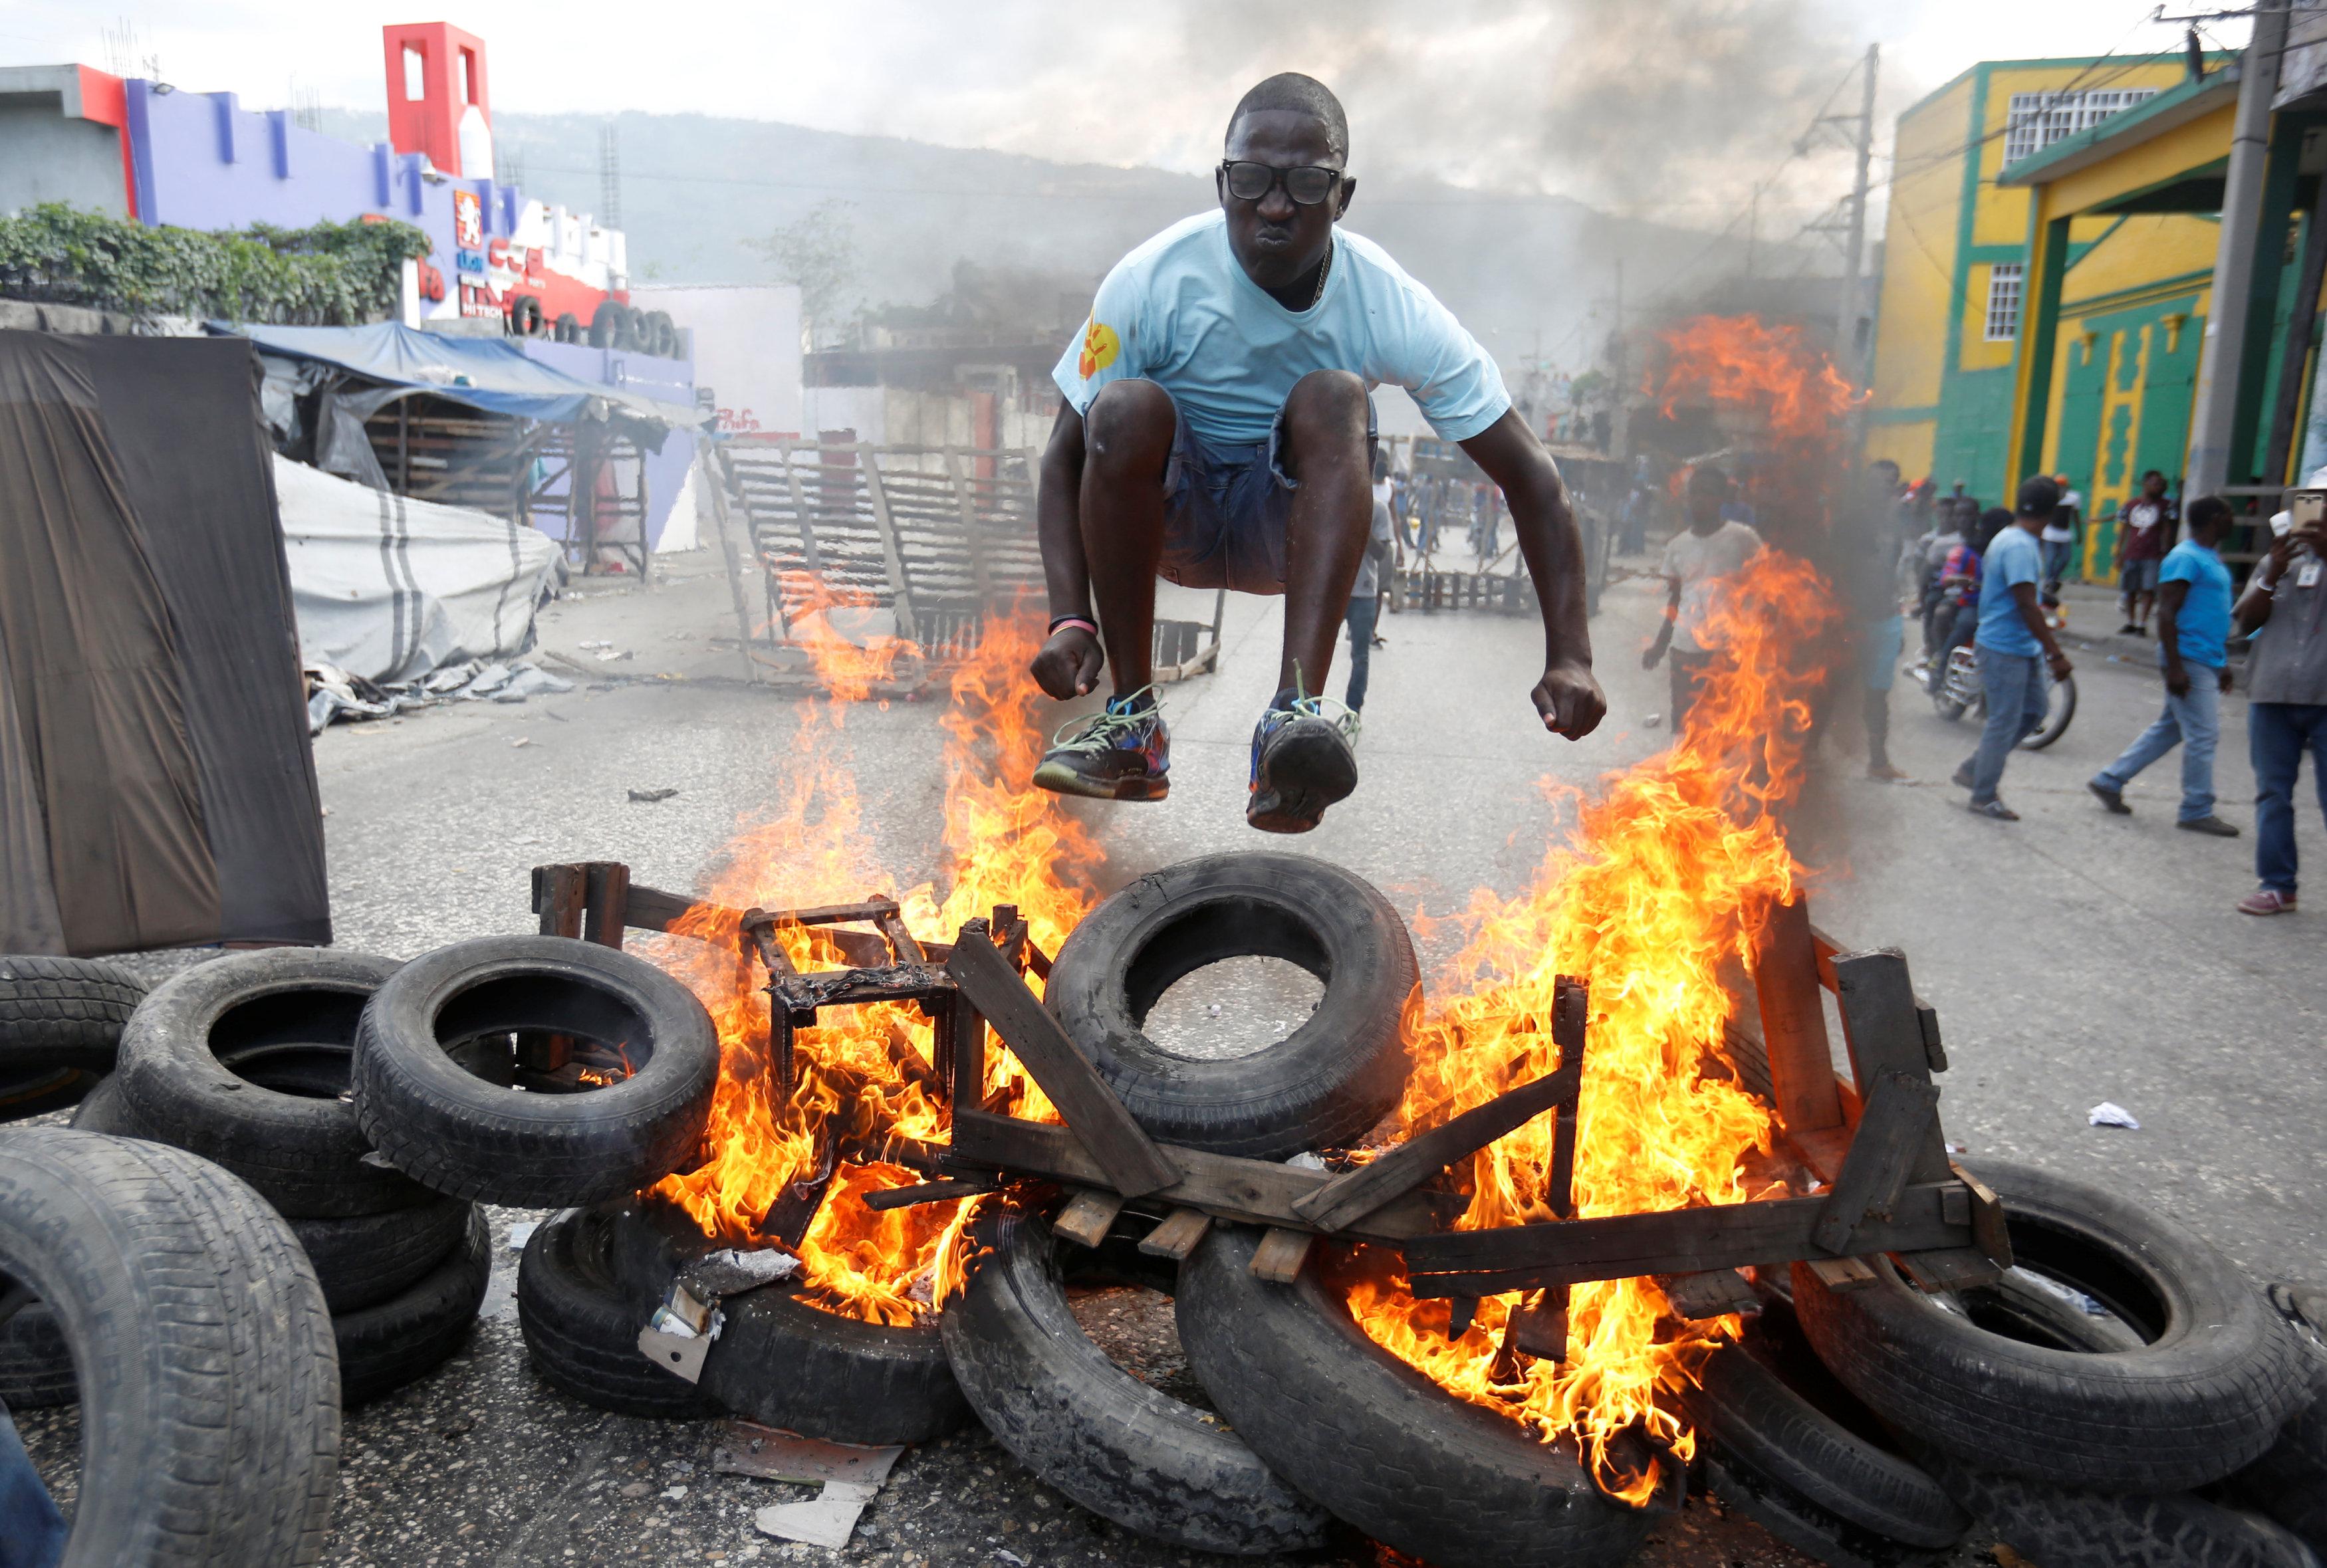 الاحتجاجات العنيفة ضد السلطة فى هايتى  (8)